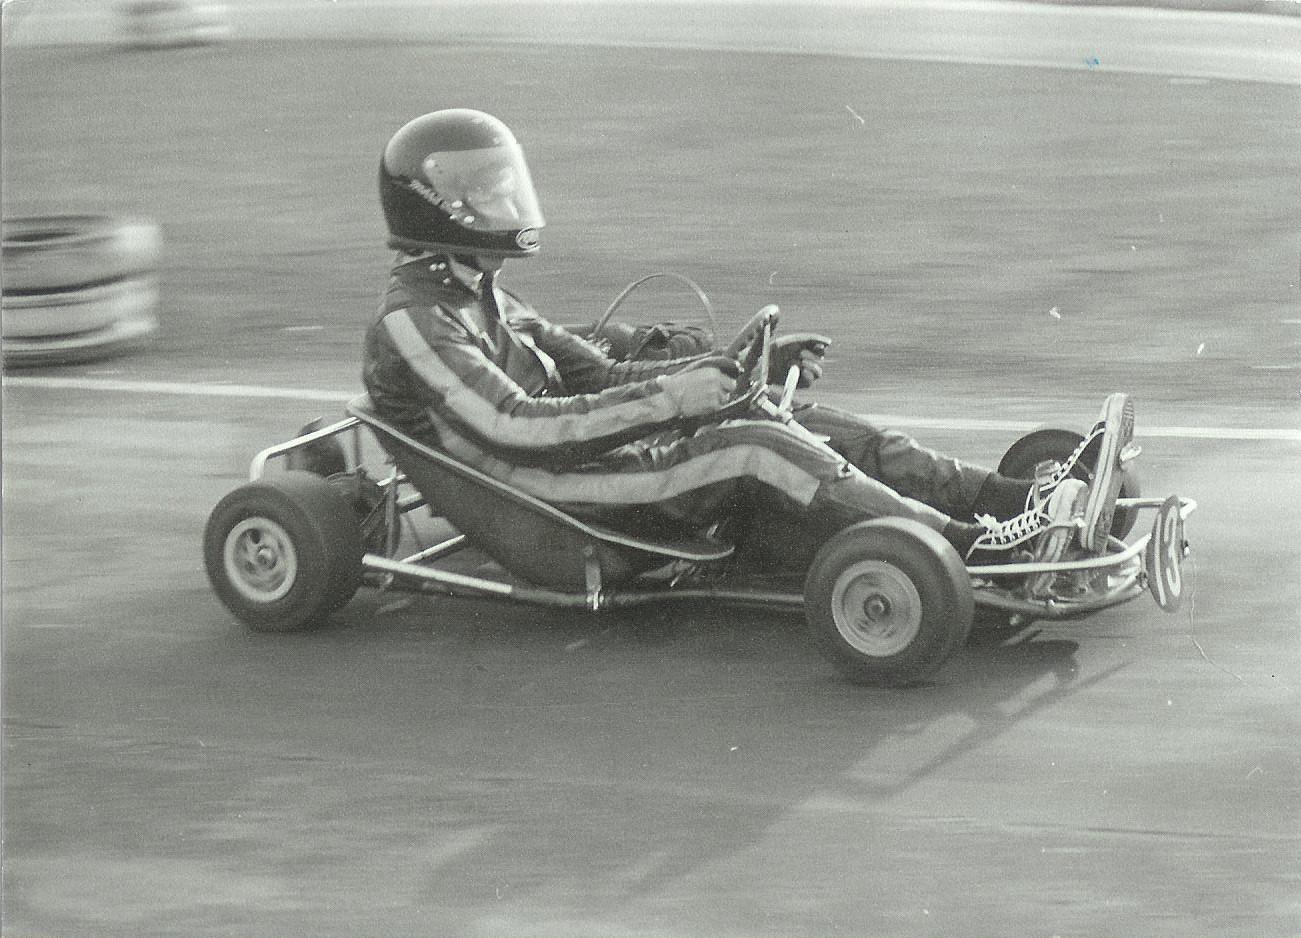 1973-Morris-Gokart-1